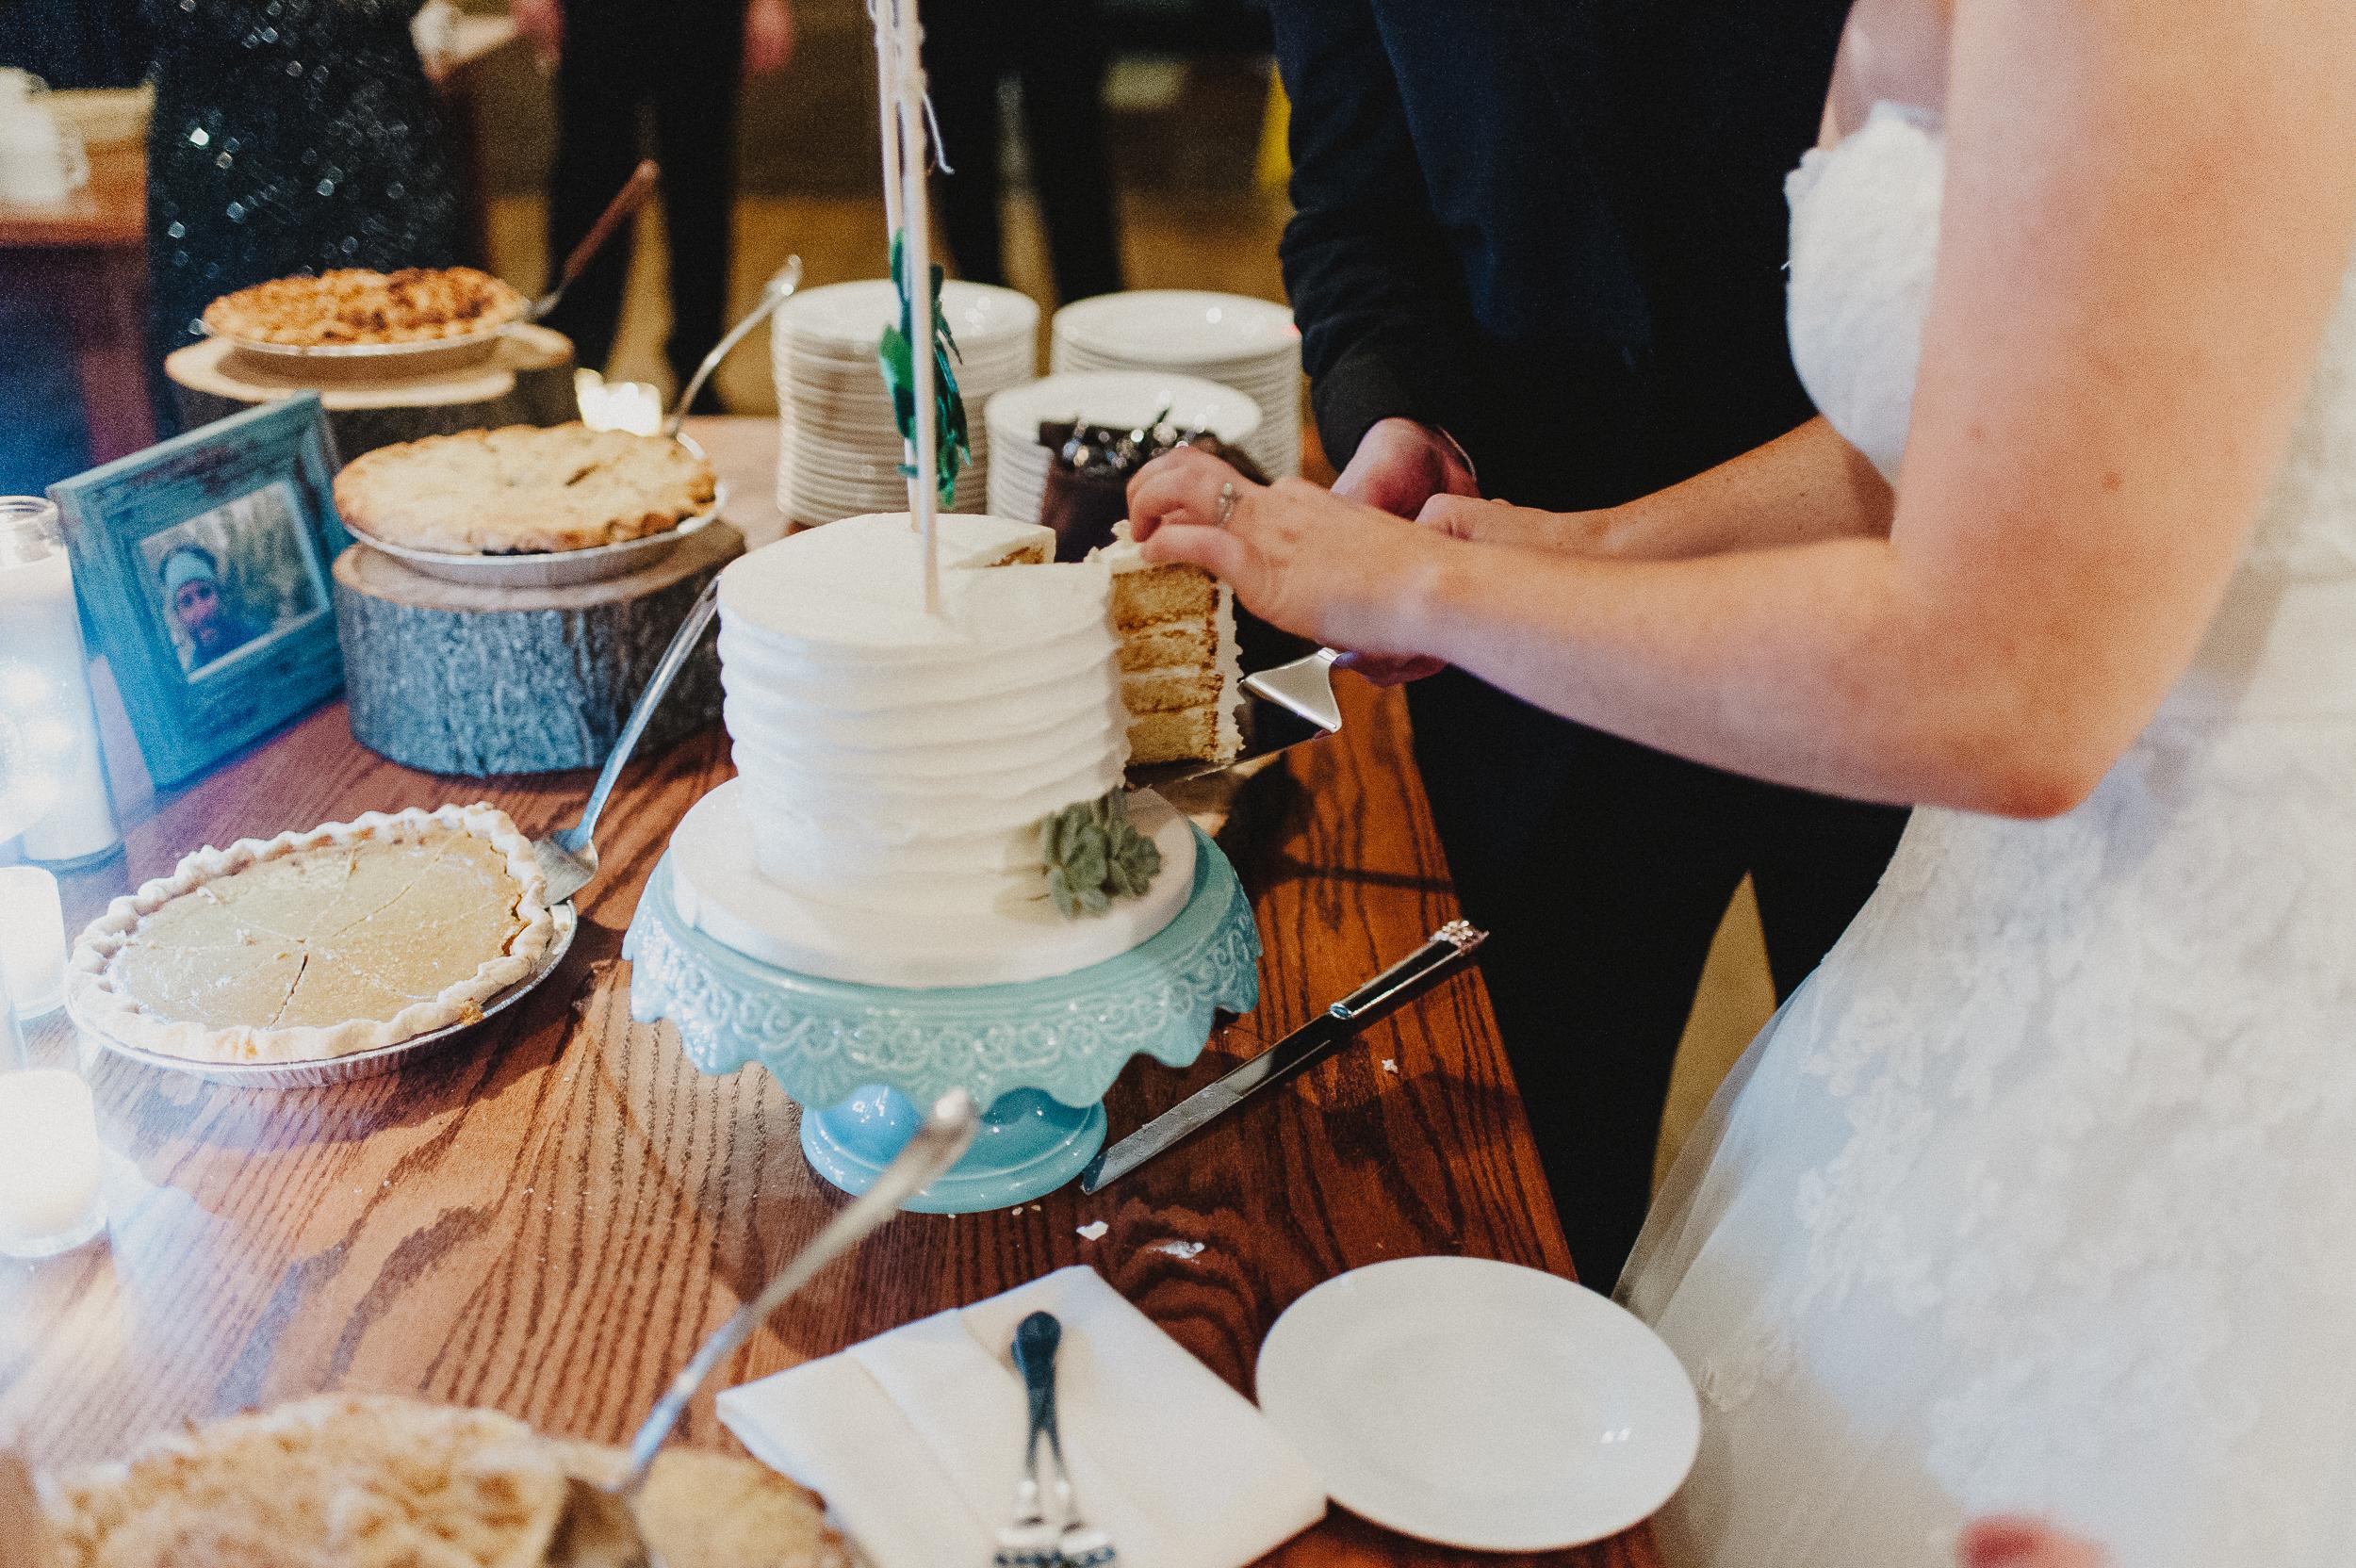 vermont-destination-wedding-photographer-68.jpg